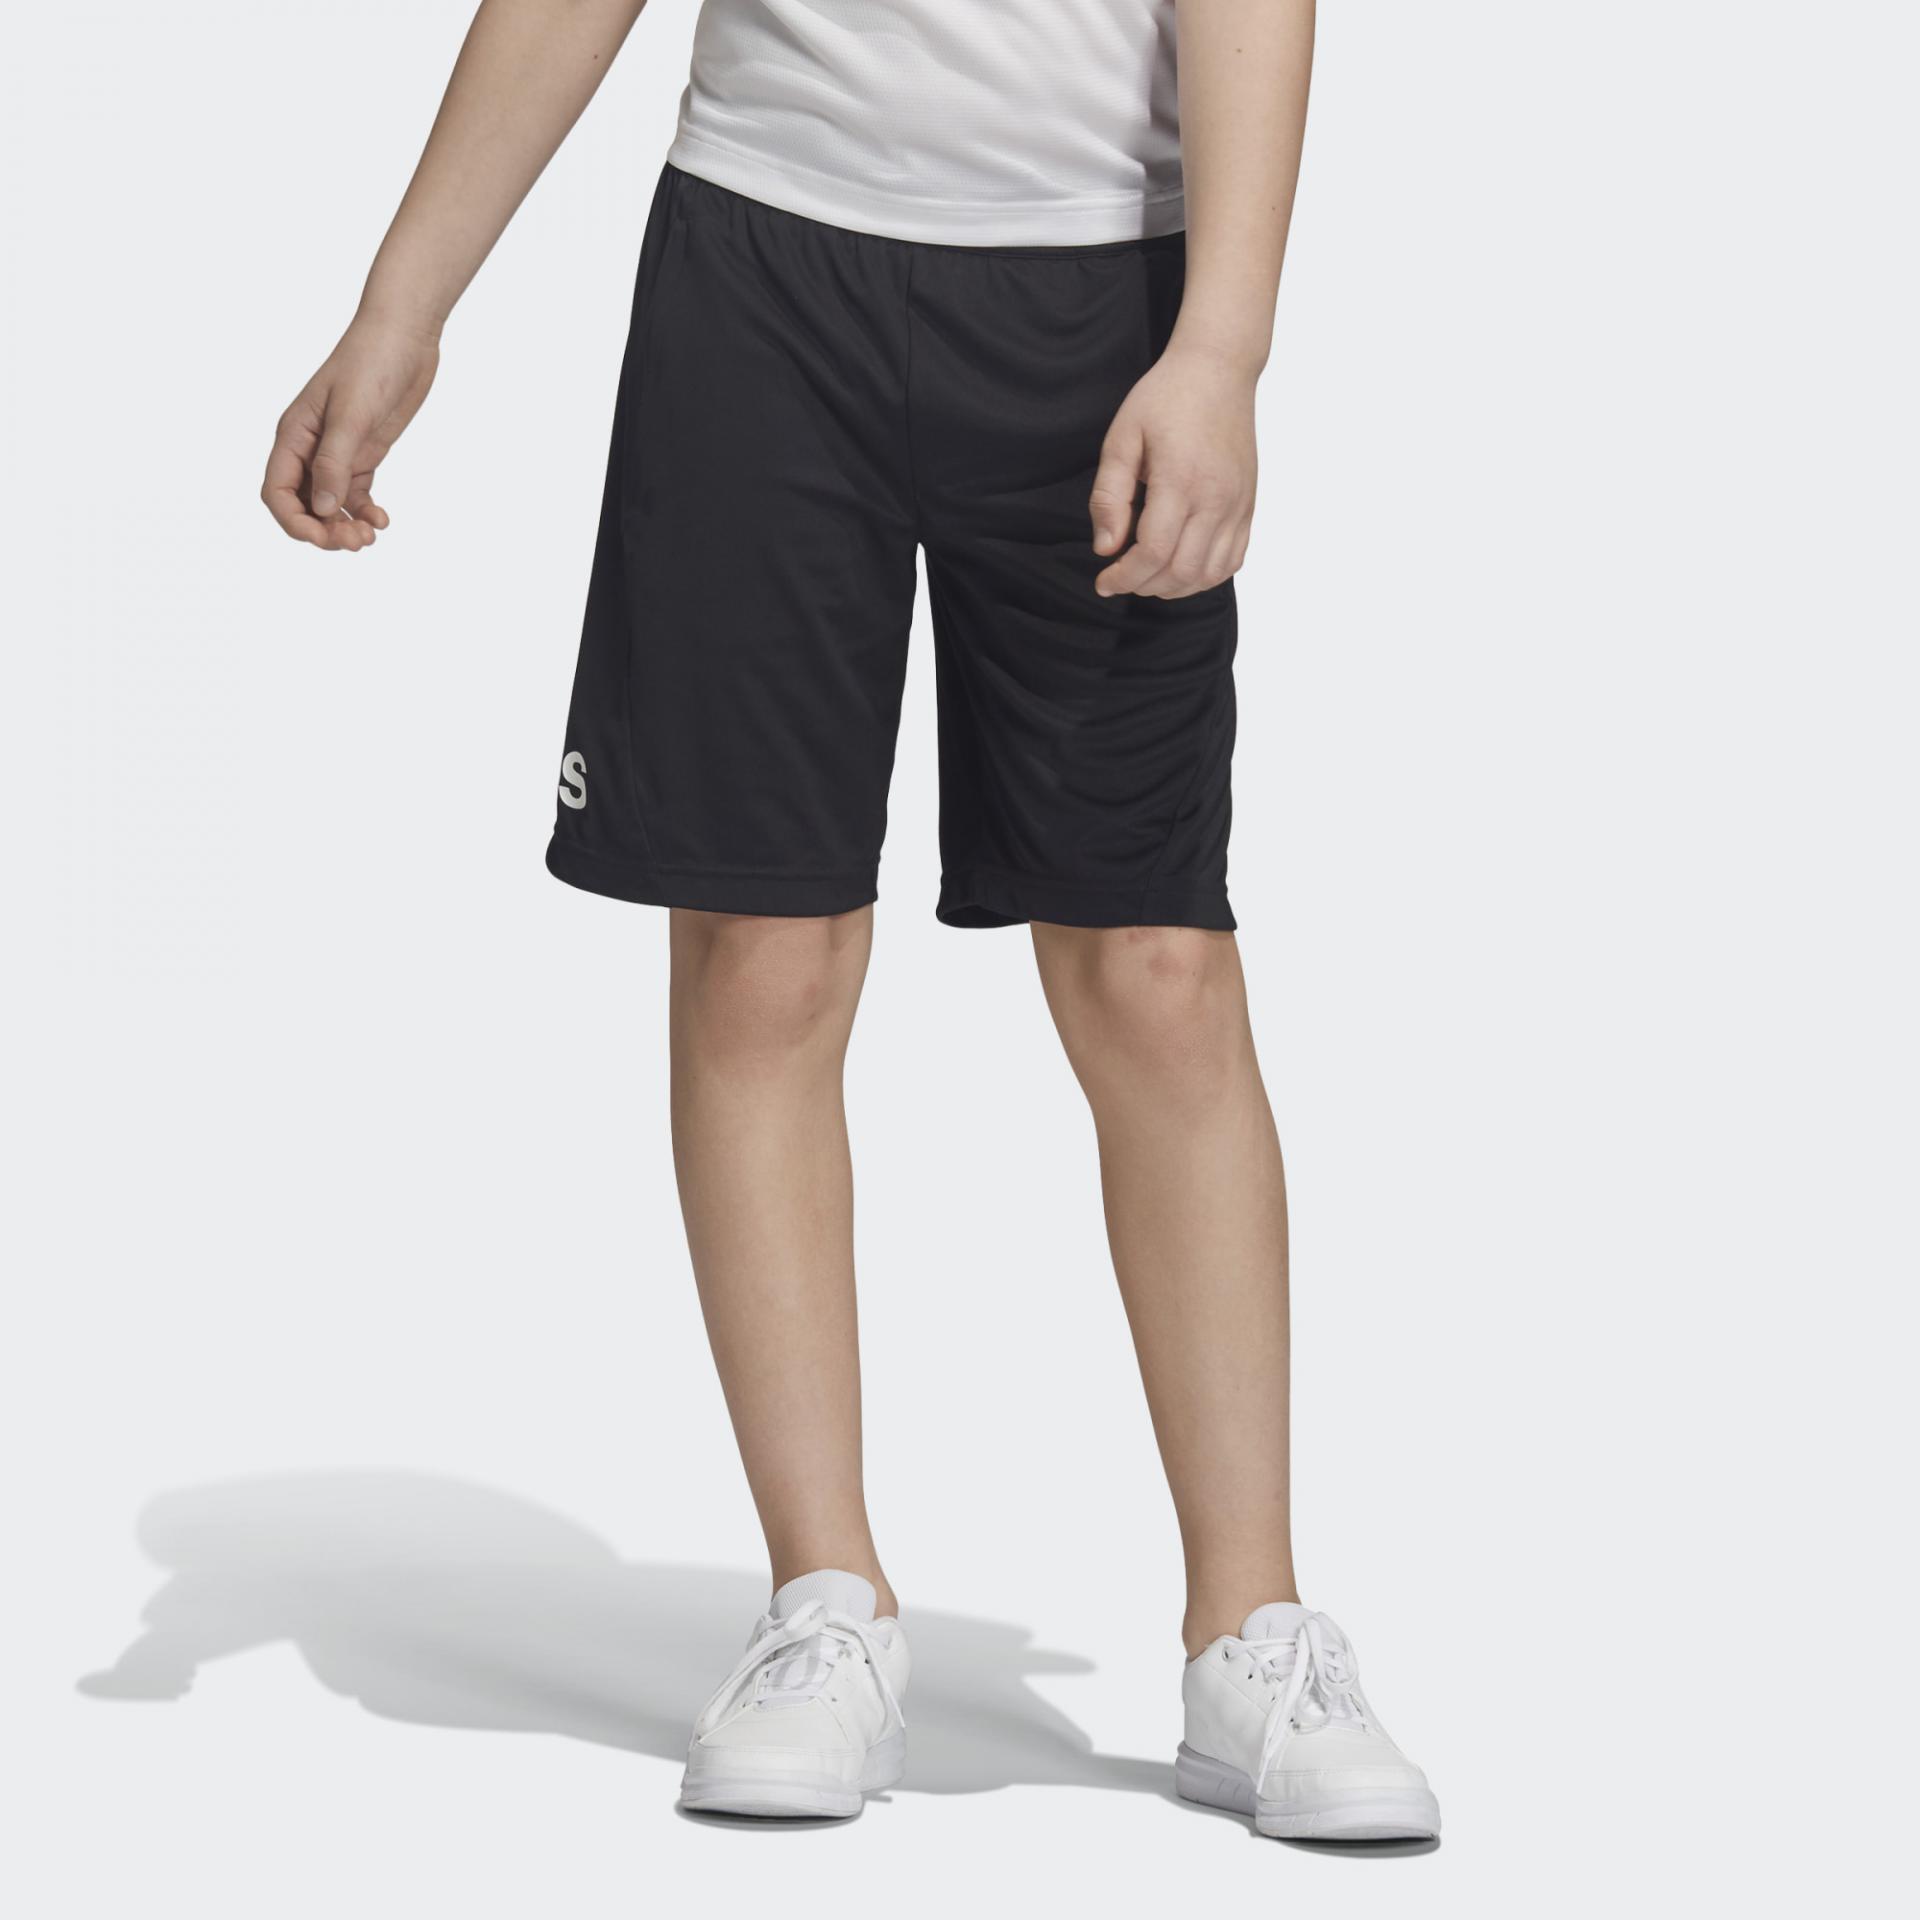 Pantalón corto niño Adidas Training EQ. DV2918. Black/white.